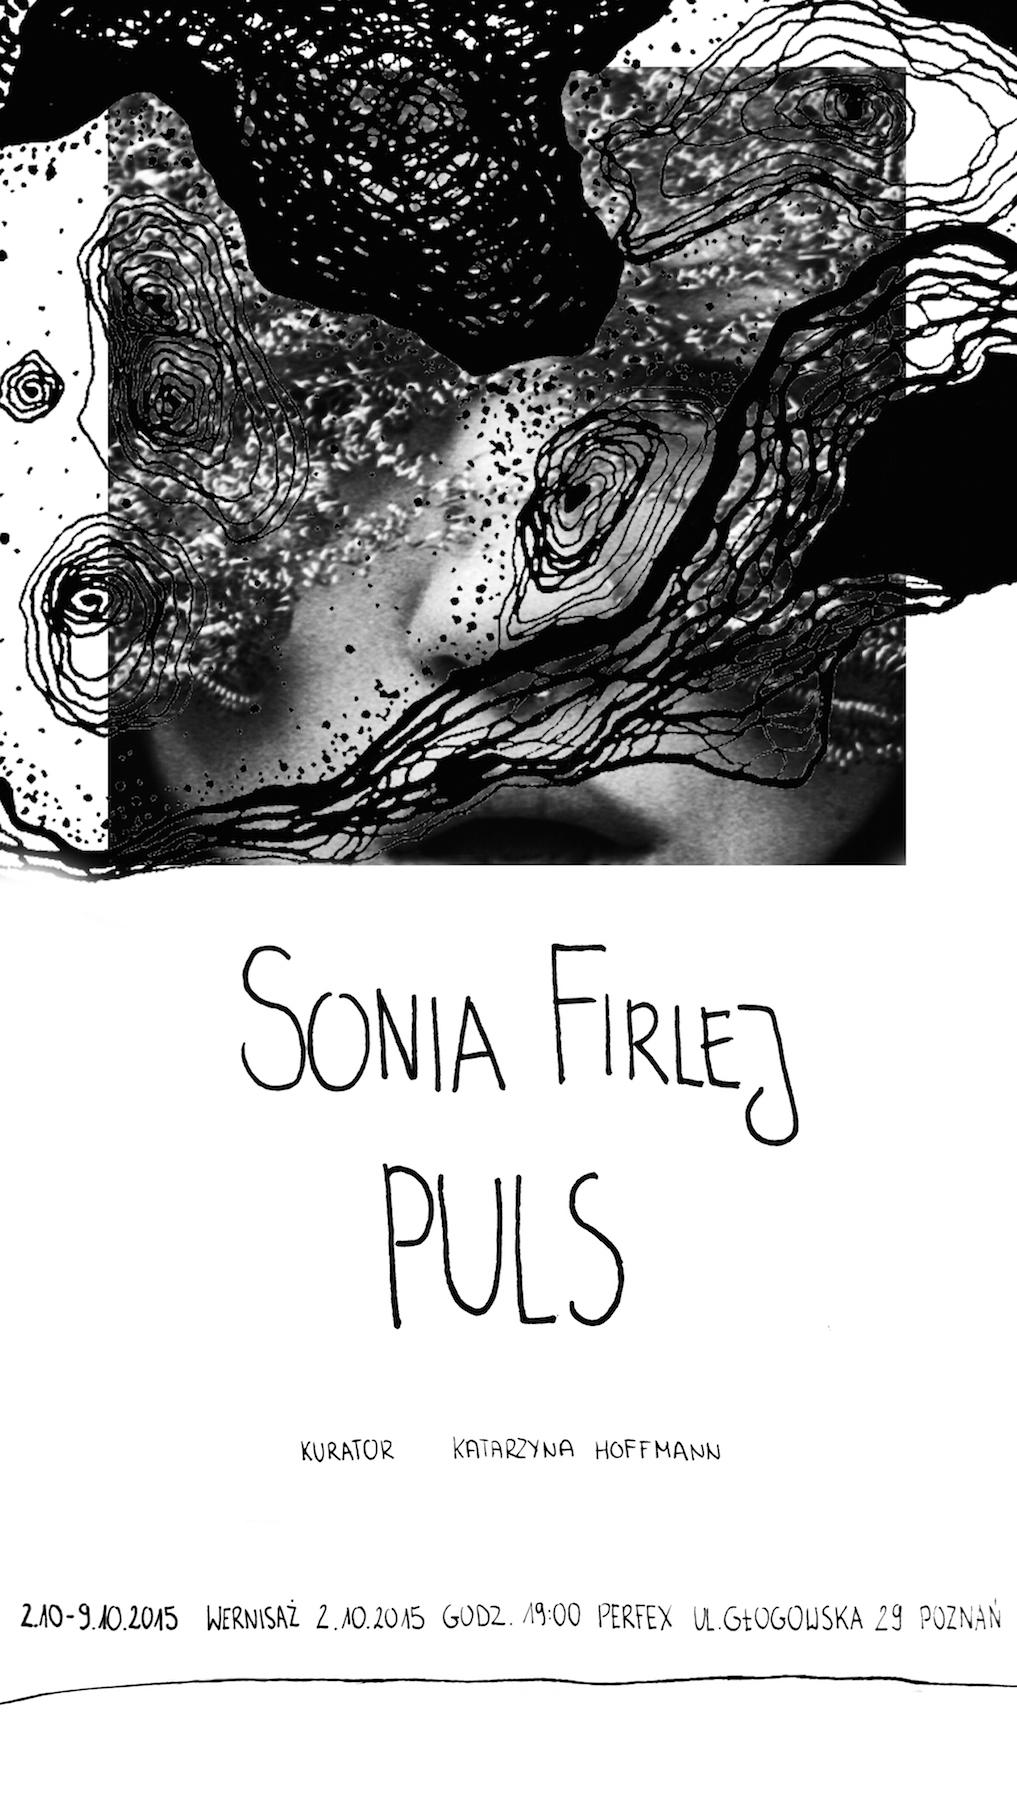 """Sonia Firlej, wystawa """"Puls"""" (źródło: materiały prasowe organizatora)"""